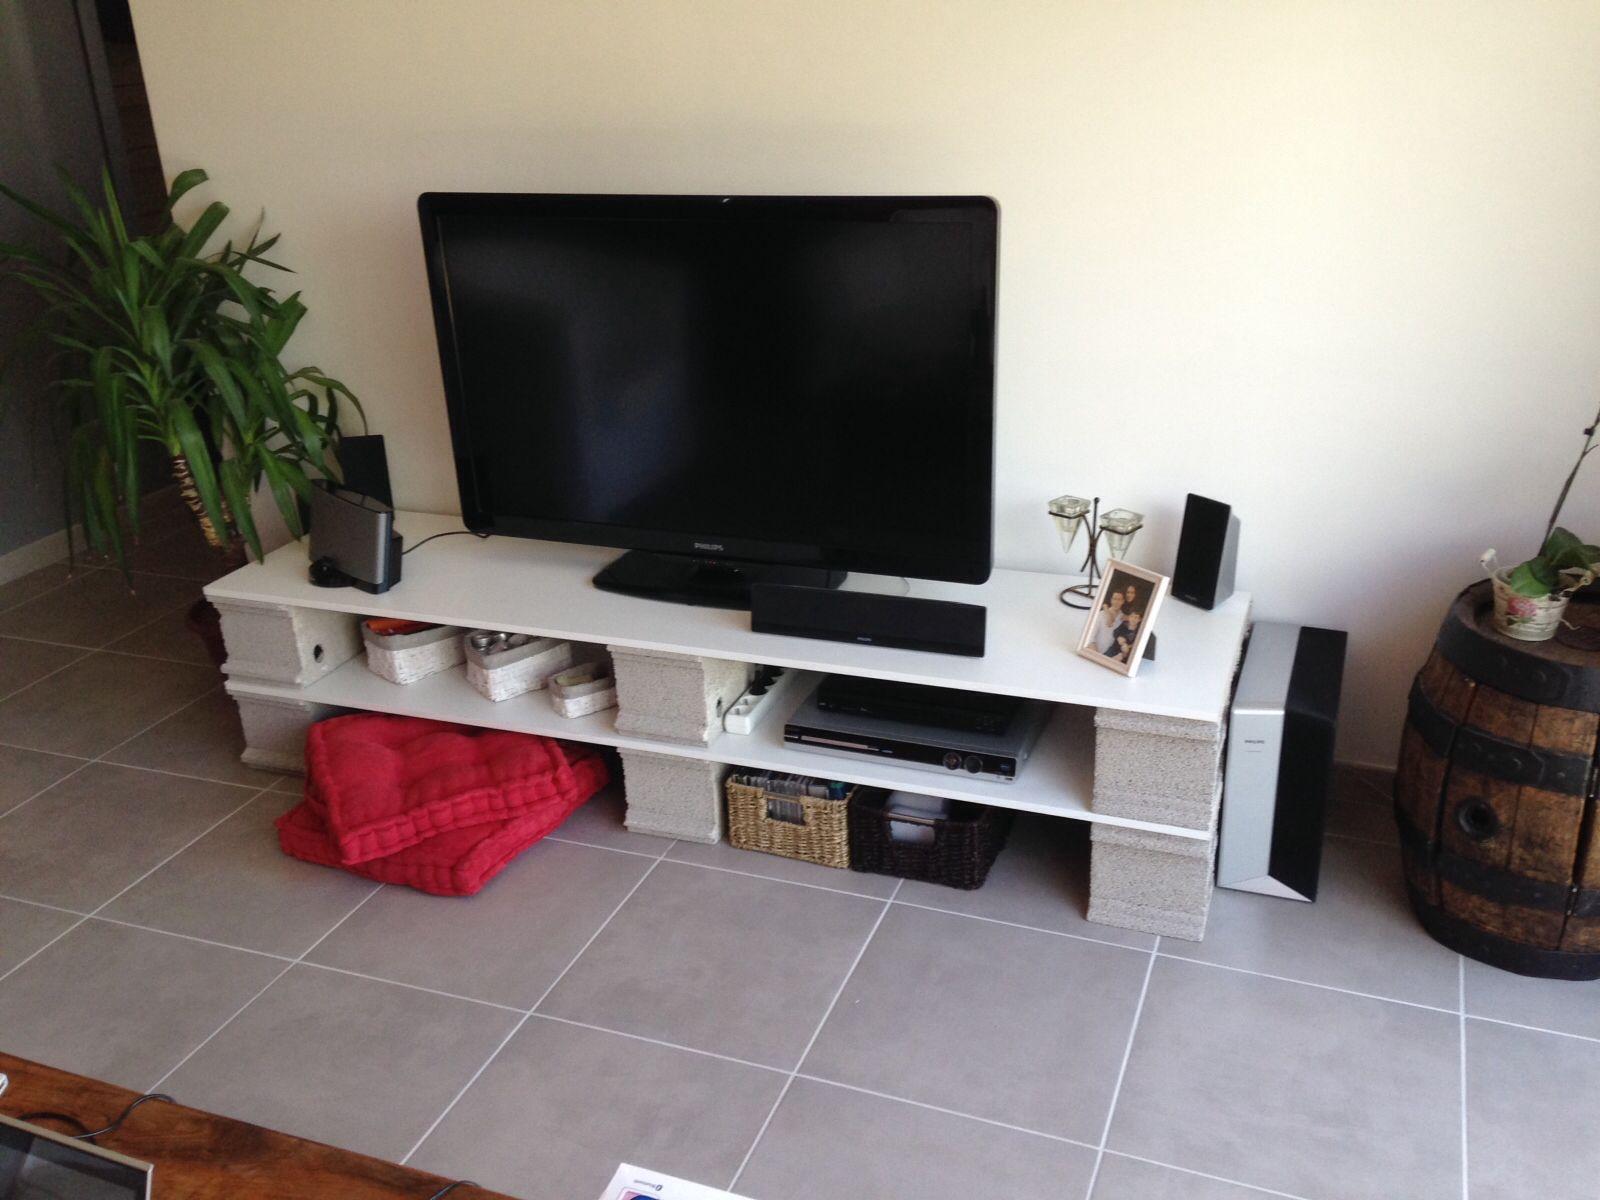 Parpaings Planches Restantes D Un Placard Un Meuble Tv  # Meuble Tv Parpaing